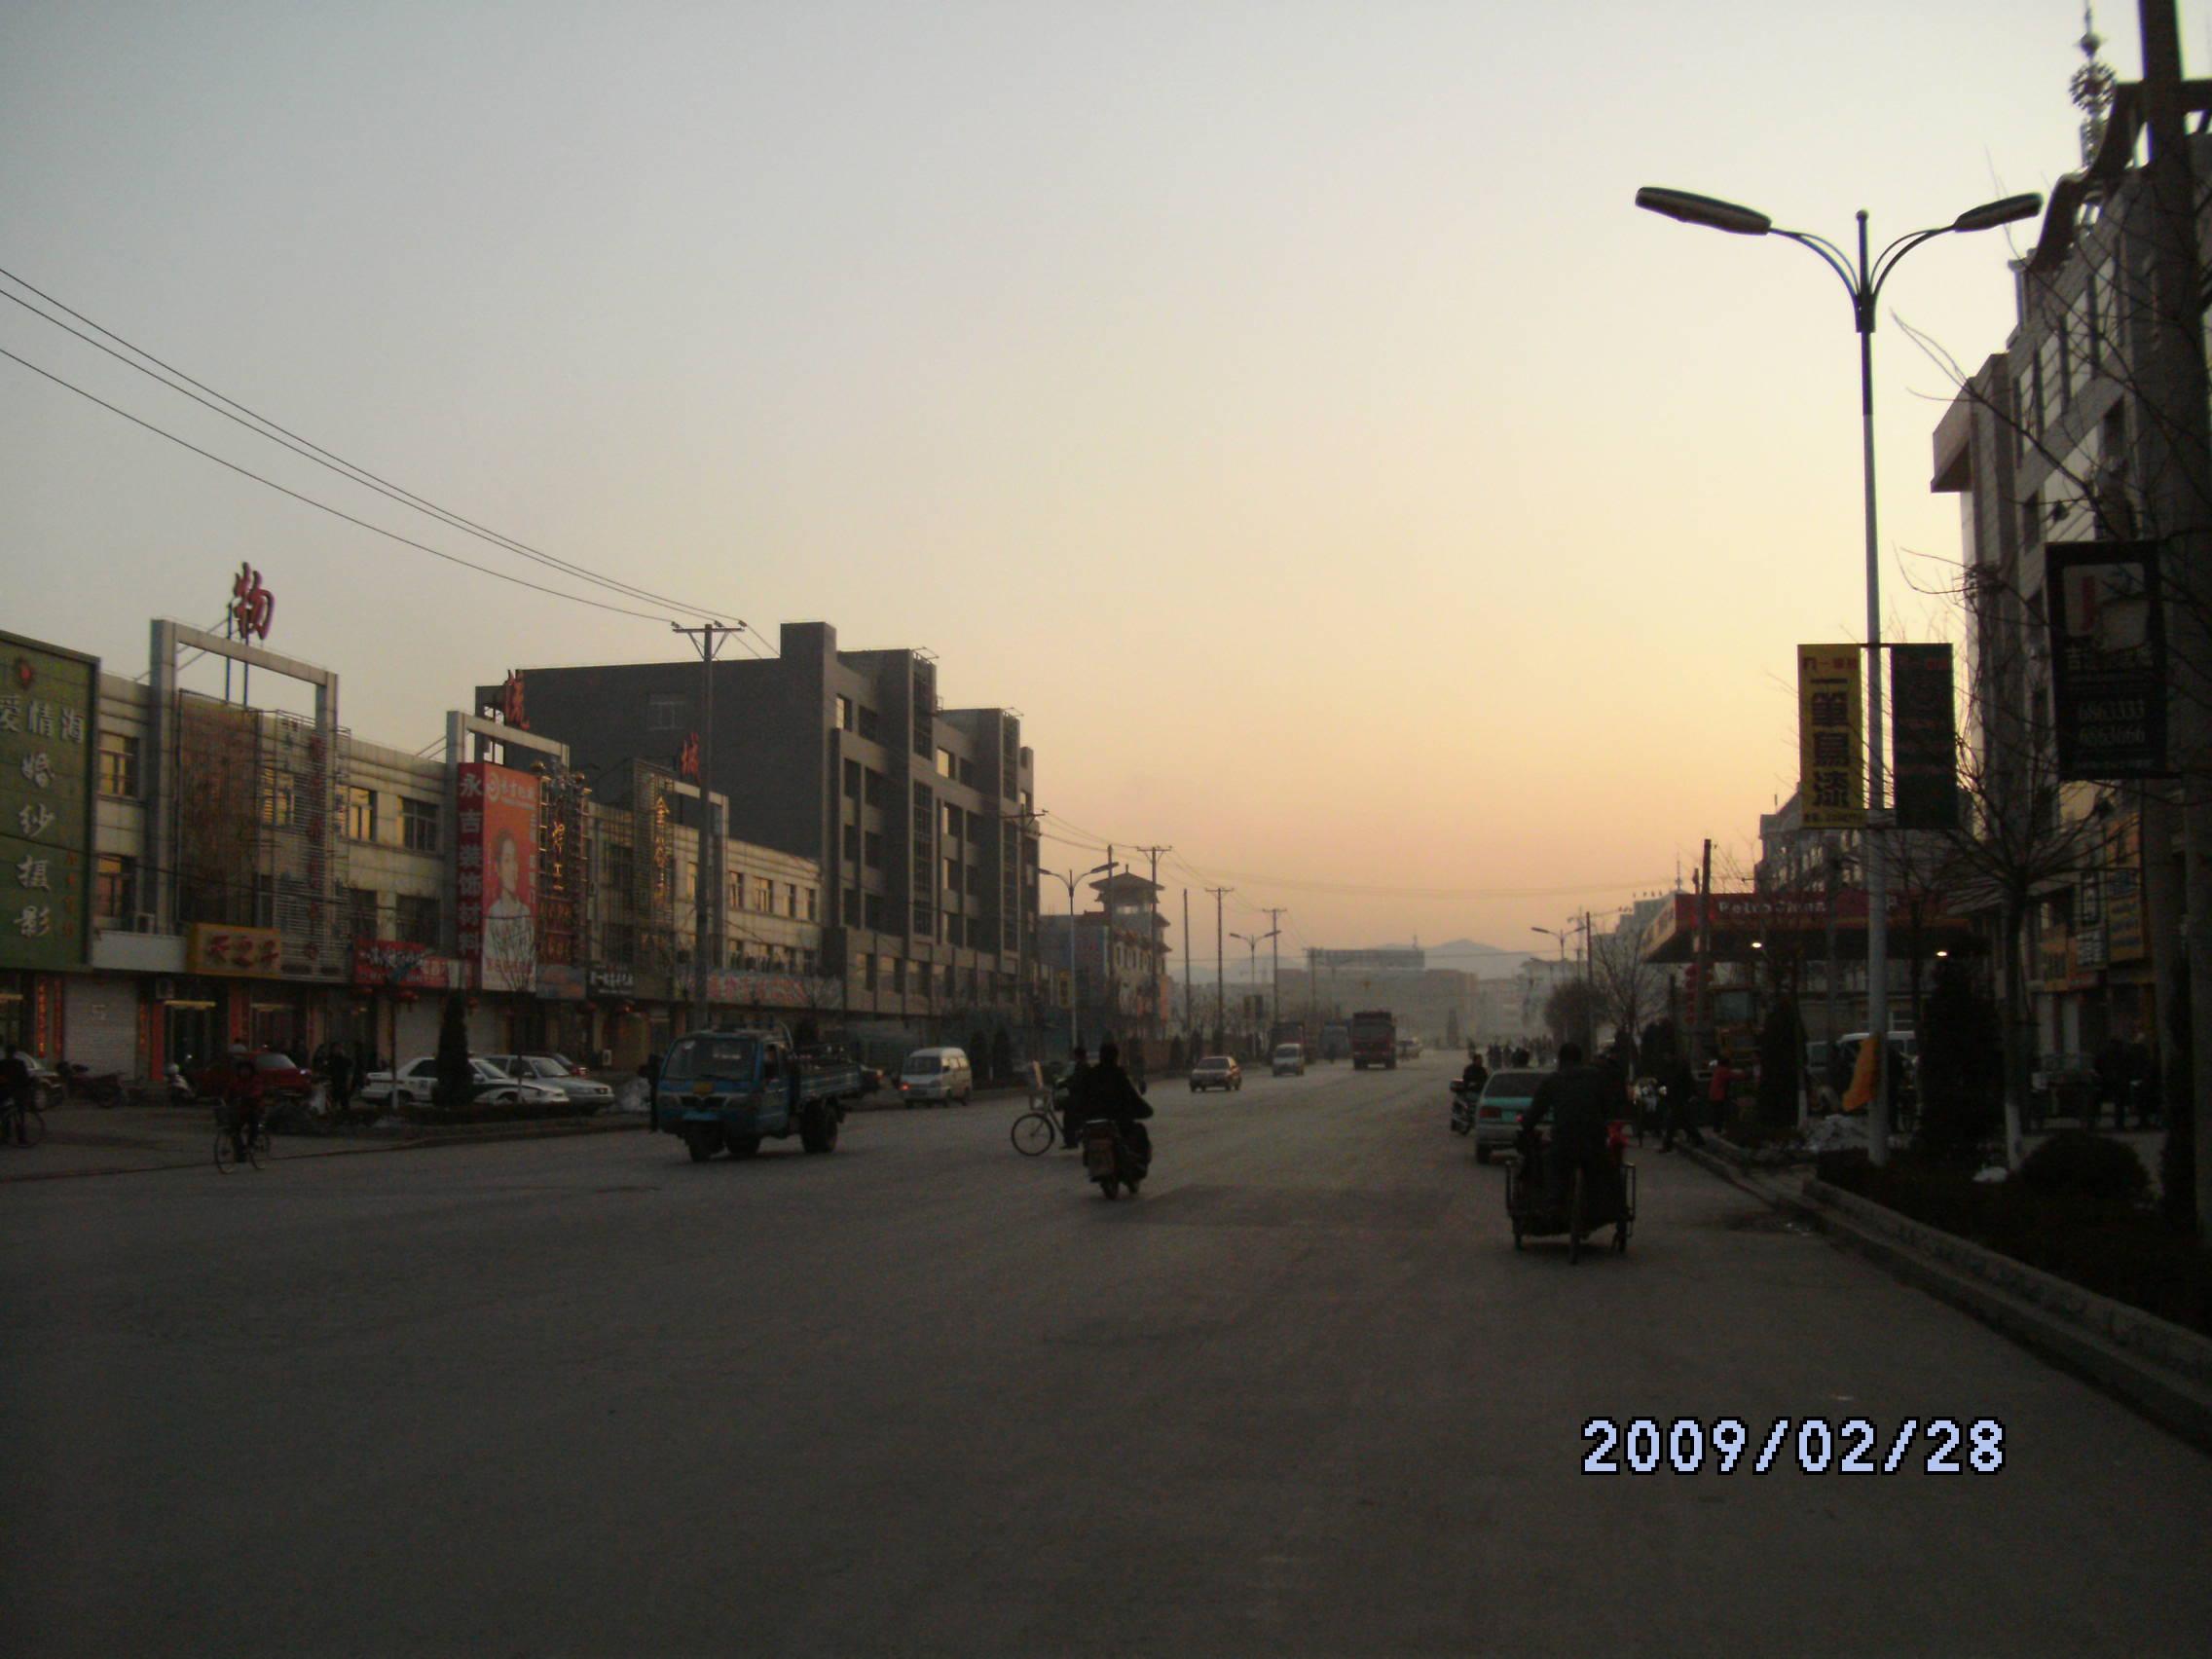 黑白复古欧式小城街道